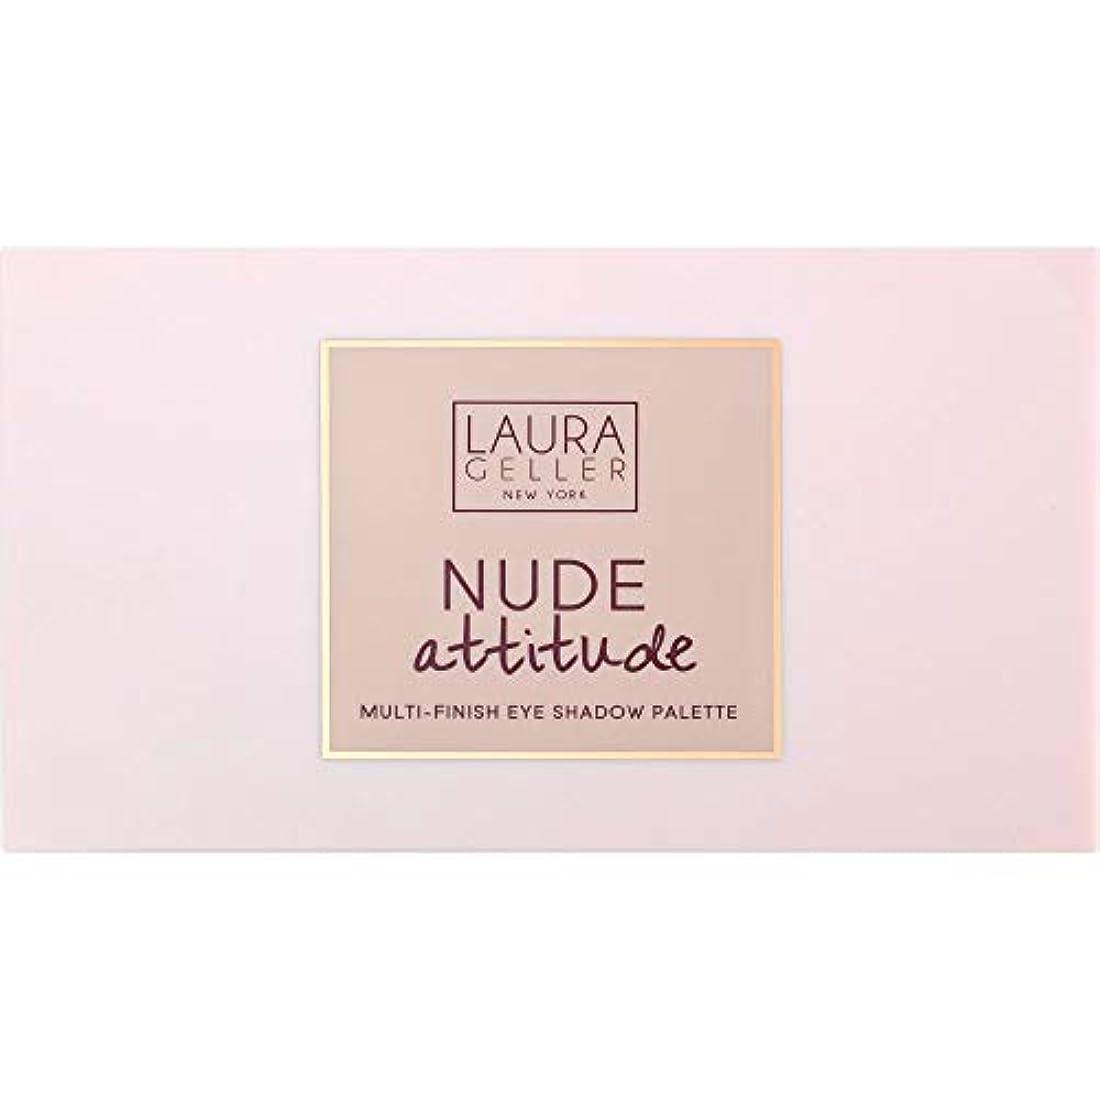 芸術糞記者[Laura Geller ] ローラ?ゲラーヌード態度マルチフィニッシュアイシャドウパレット12×1.1グラム - Laura Geller Nude Attitude Multi-Finish Eye Shadow...